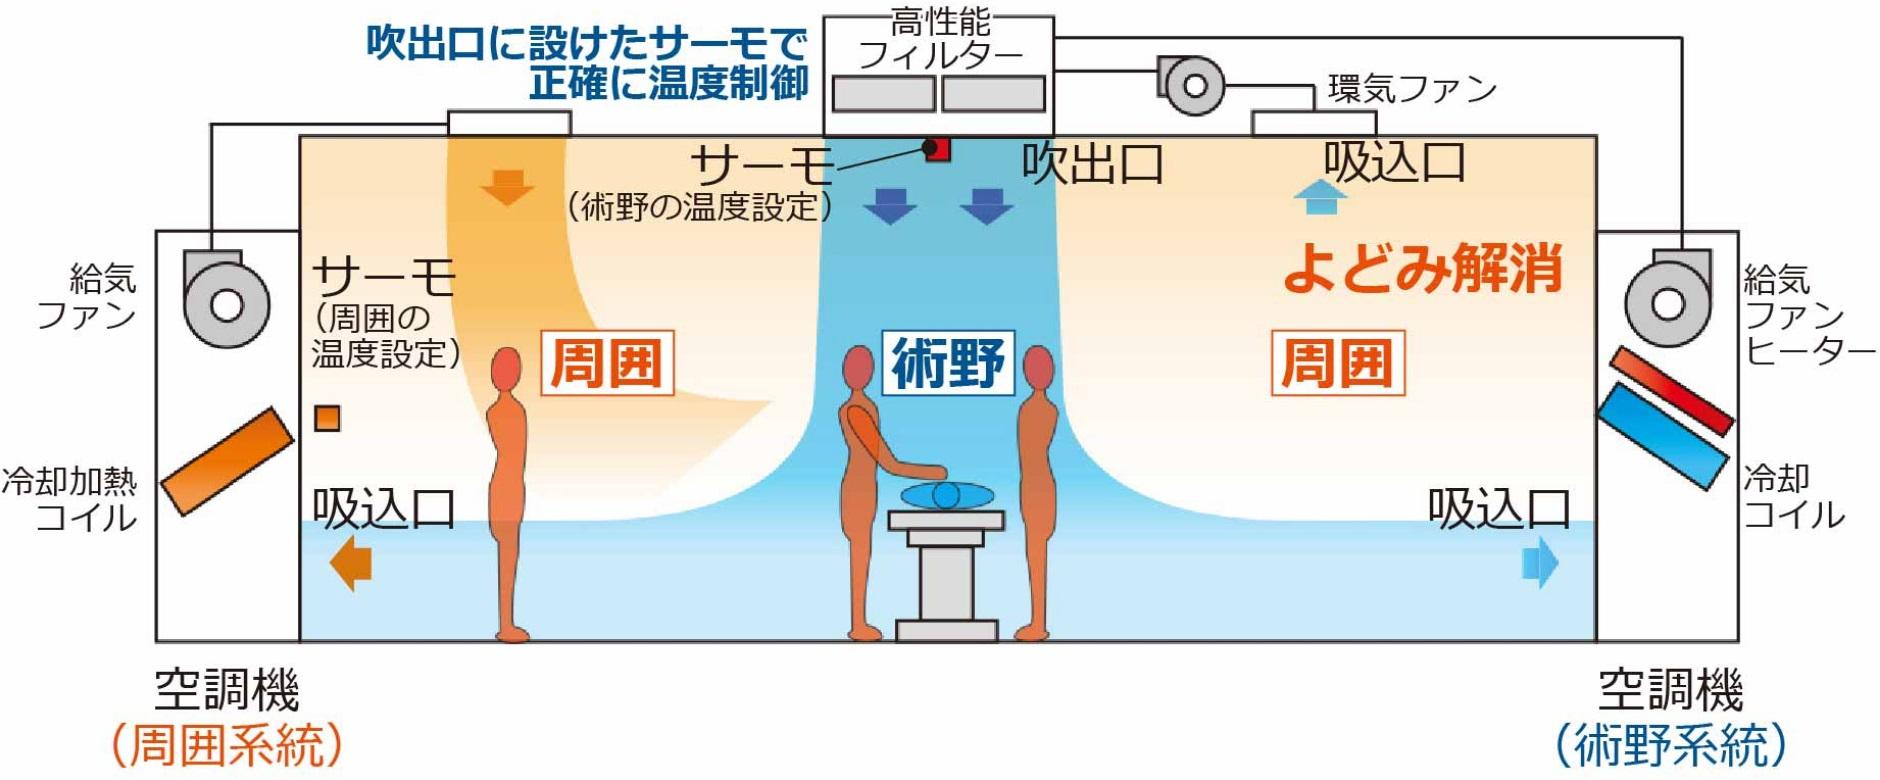 コロナ 順天堂 医院